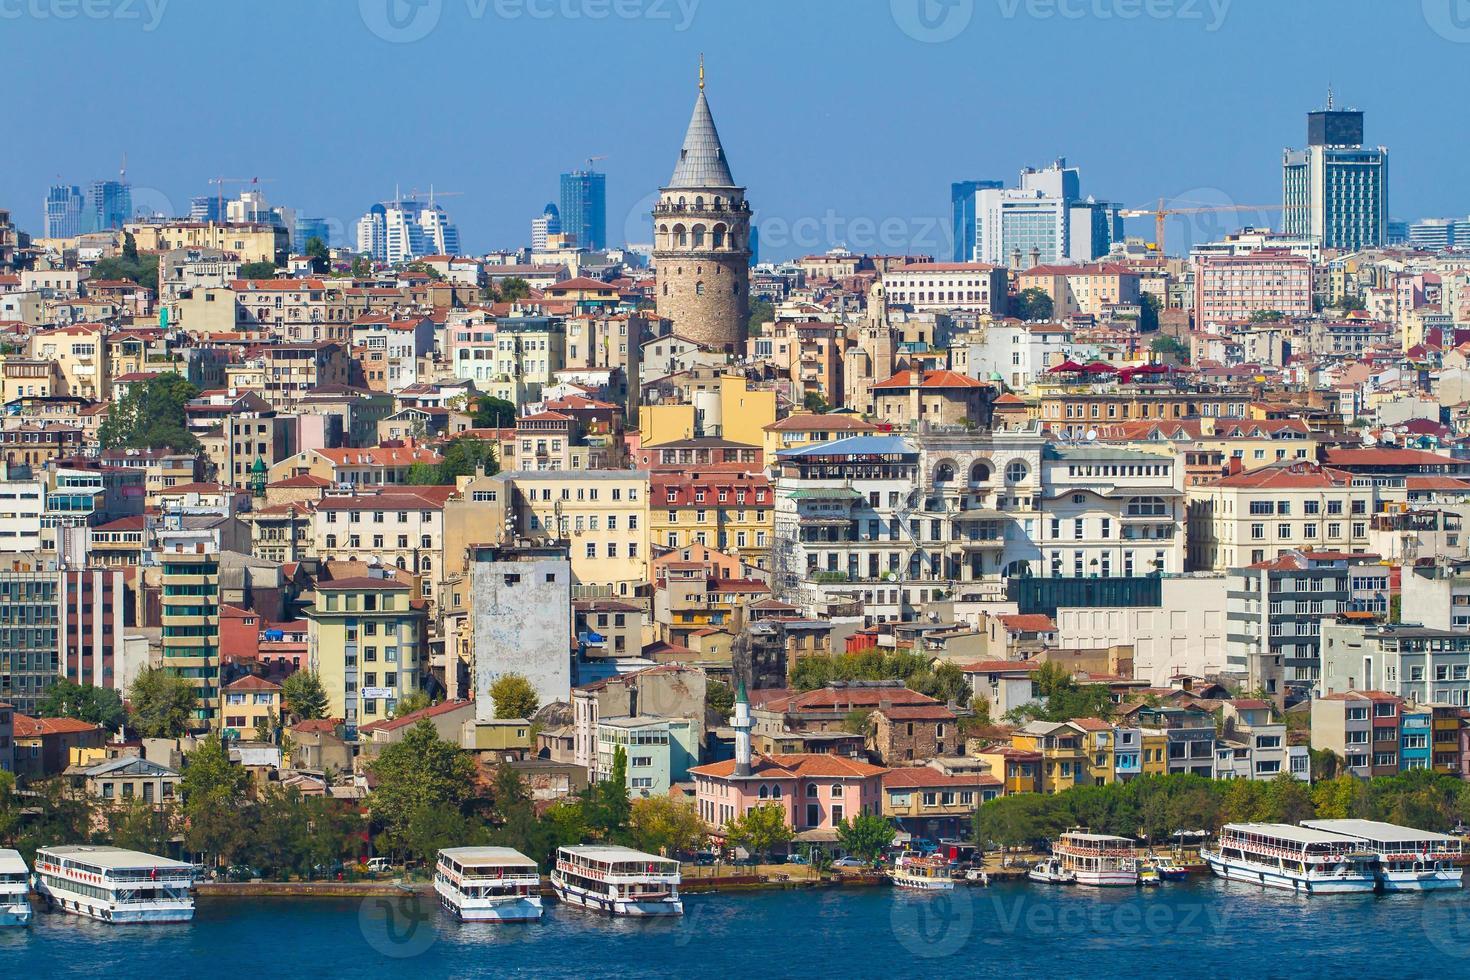 architecture historique du quartier de beyoglu et tour médiévale de galata photo